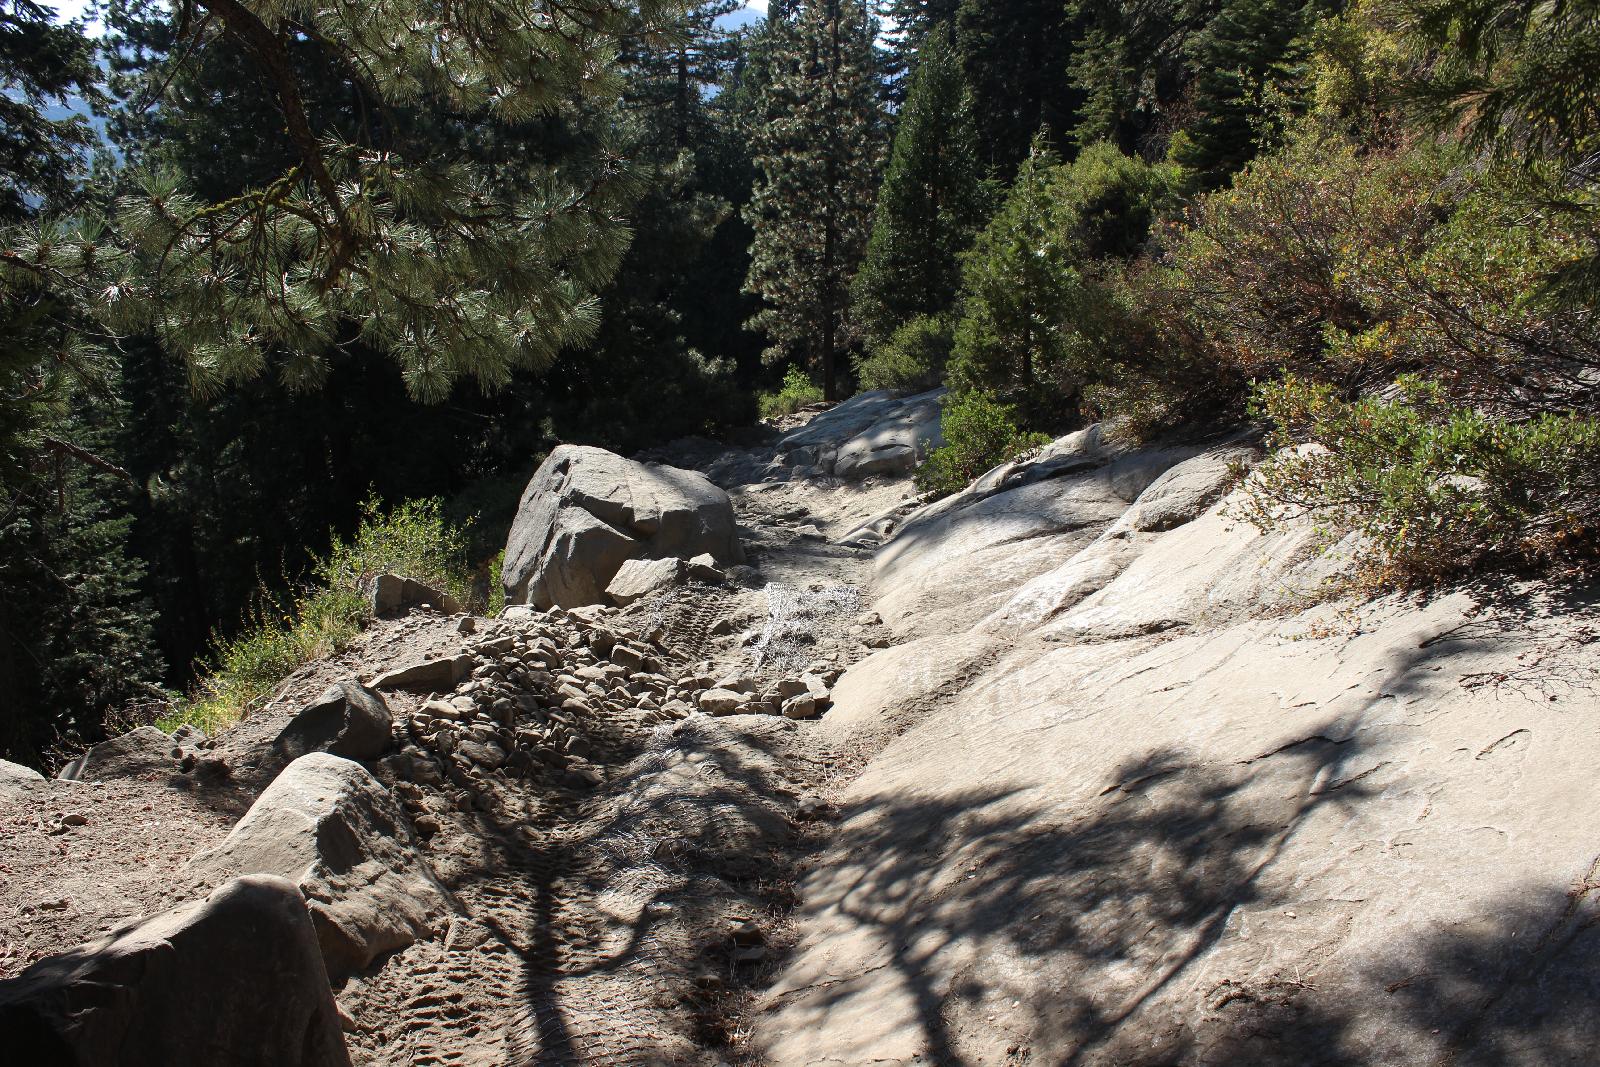 Rubicon Trail - Hier wird es nochmal eng und schräg.